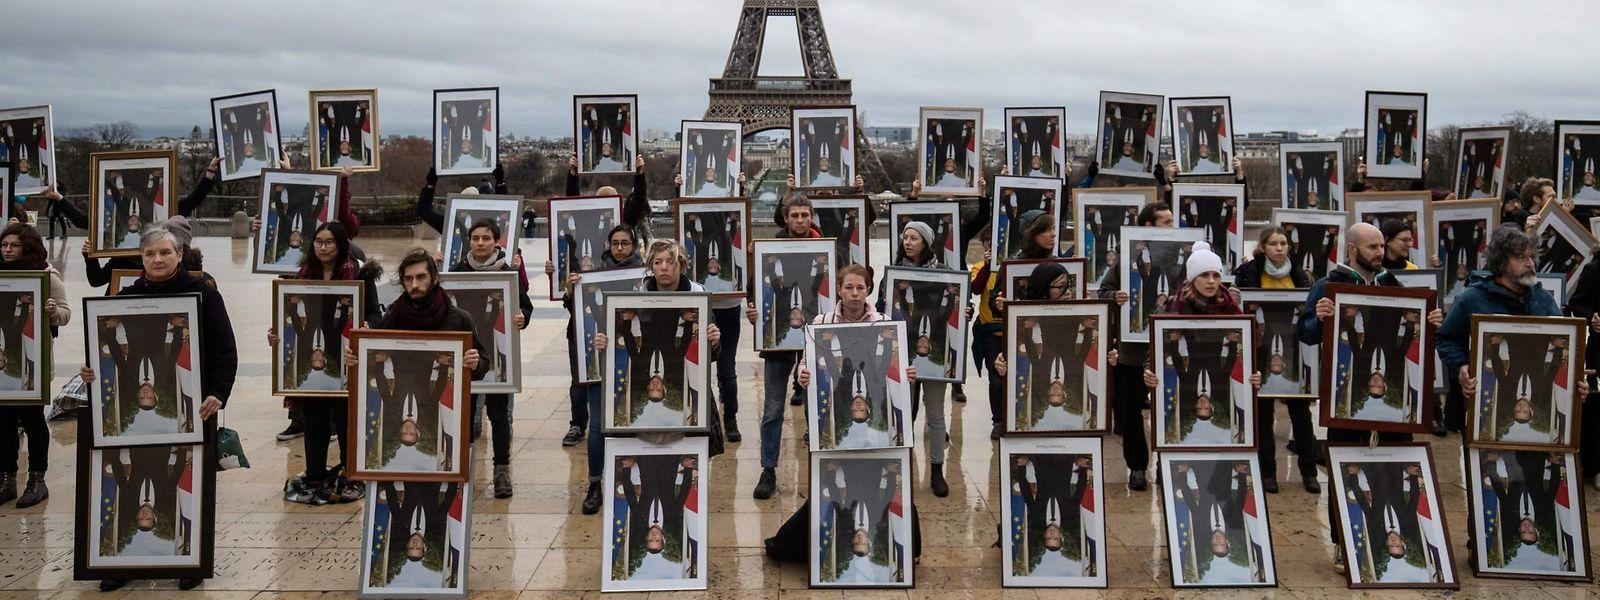 Französische Klimaaktivisten posieren mit 100 gestohlenen Macron-Porträts vor dem Eiffelturm.